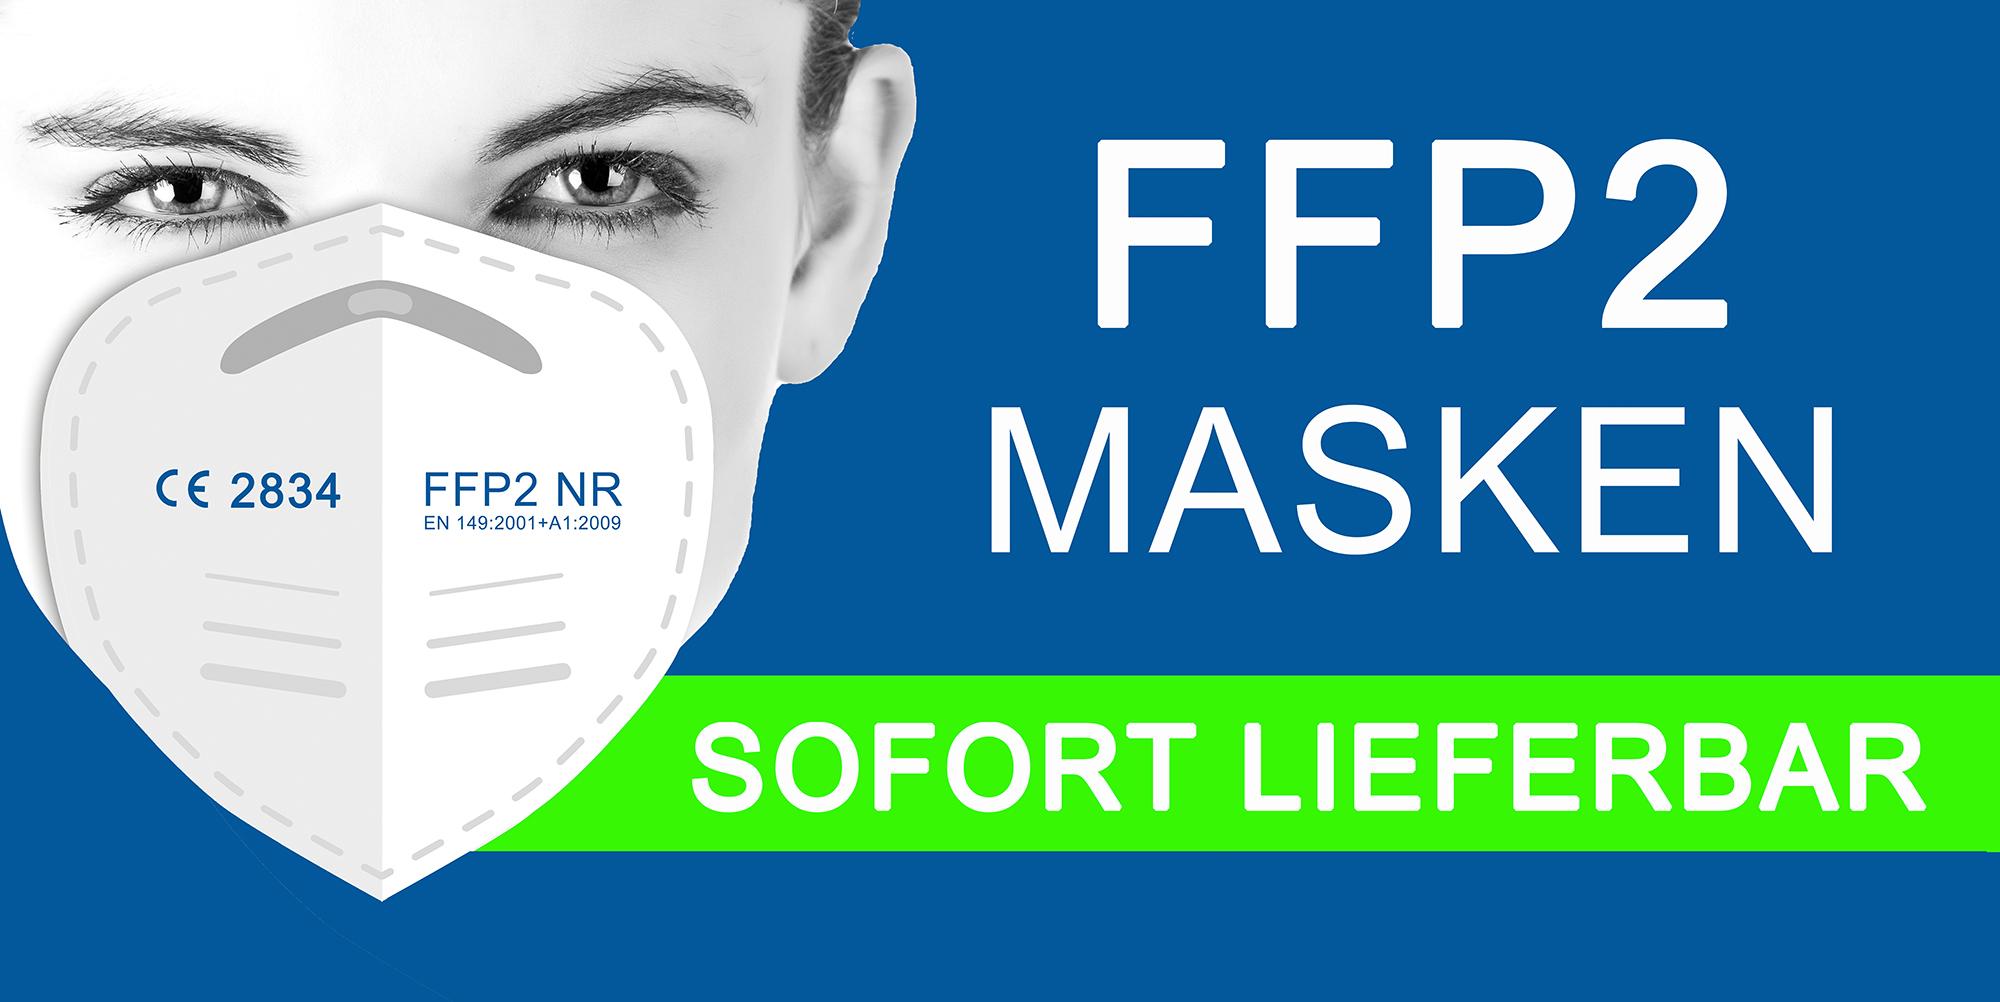 FFP2 Masken sofort lieferbar